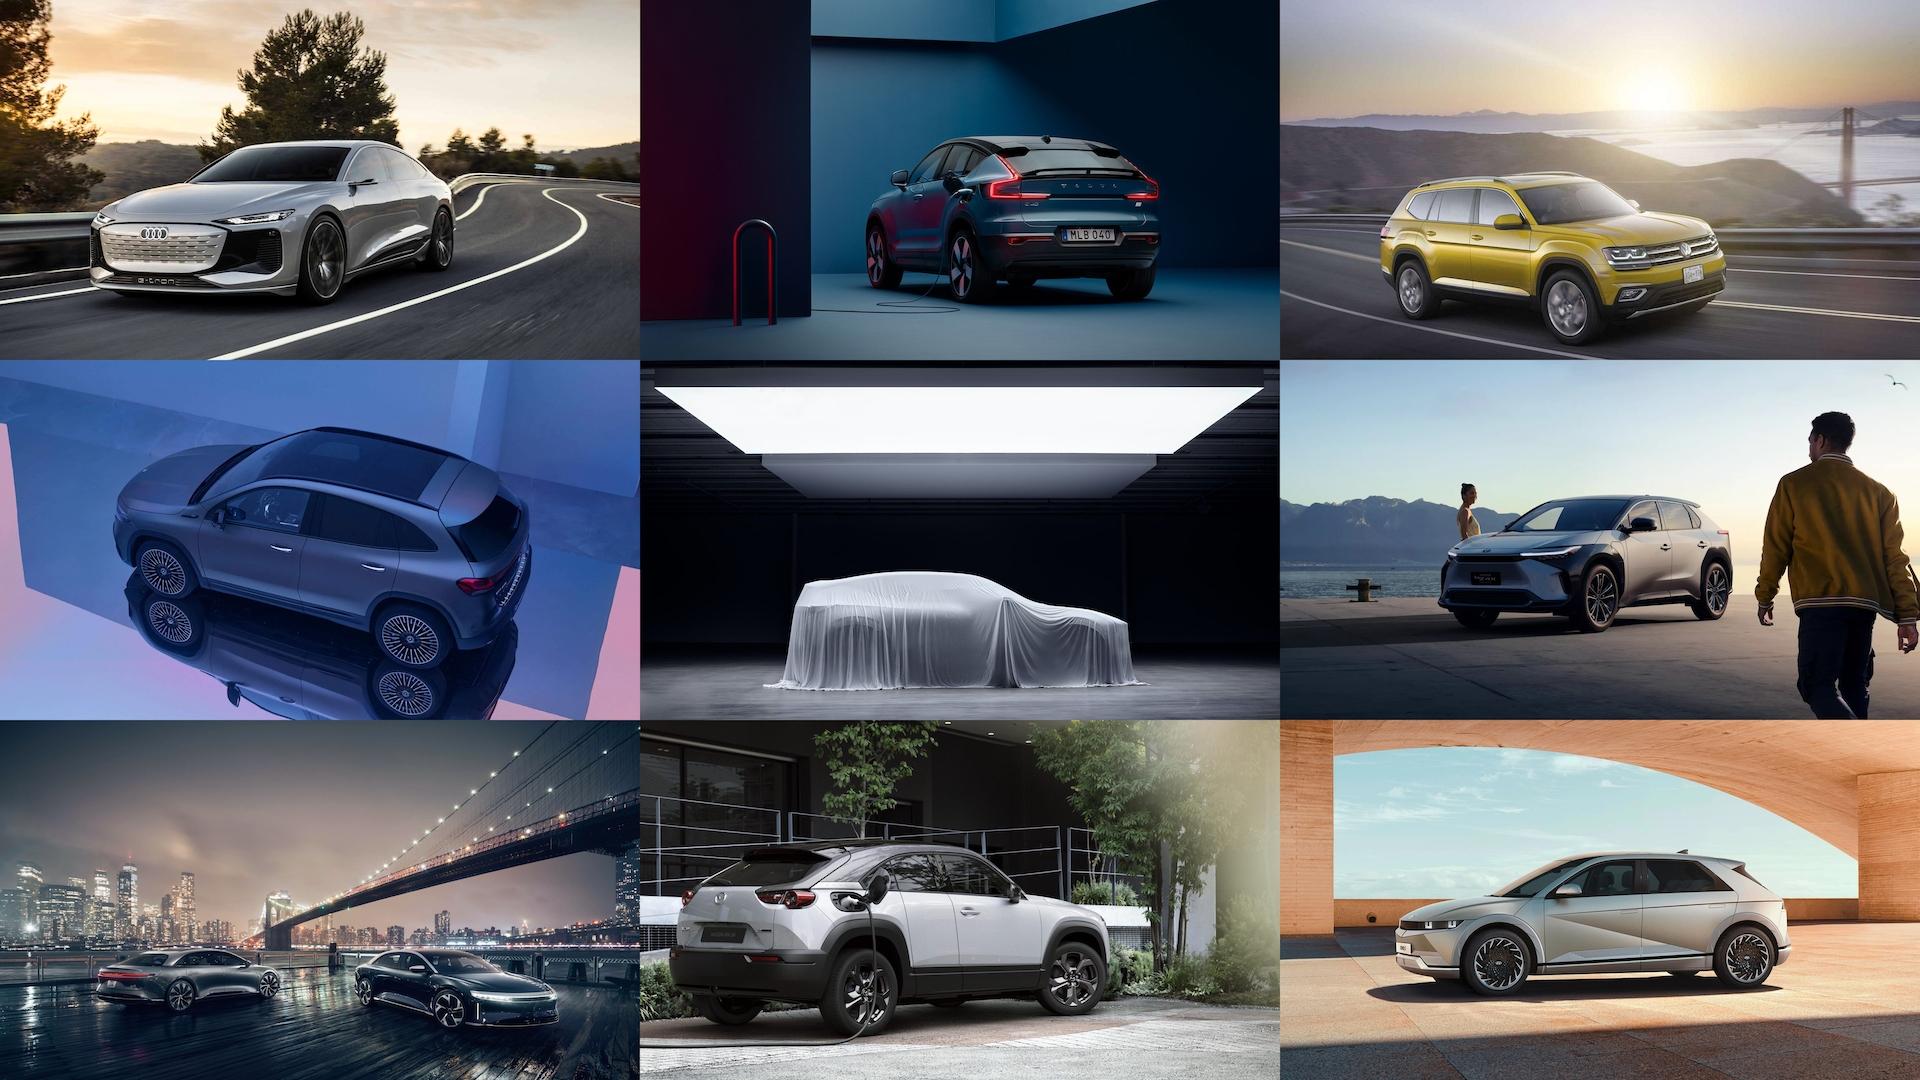 Tio nya elbilar att se fram emot under 2021/2022